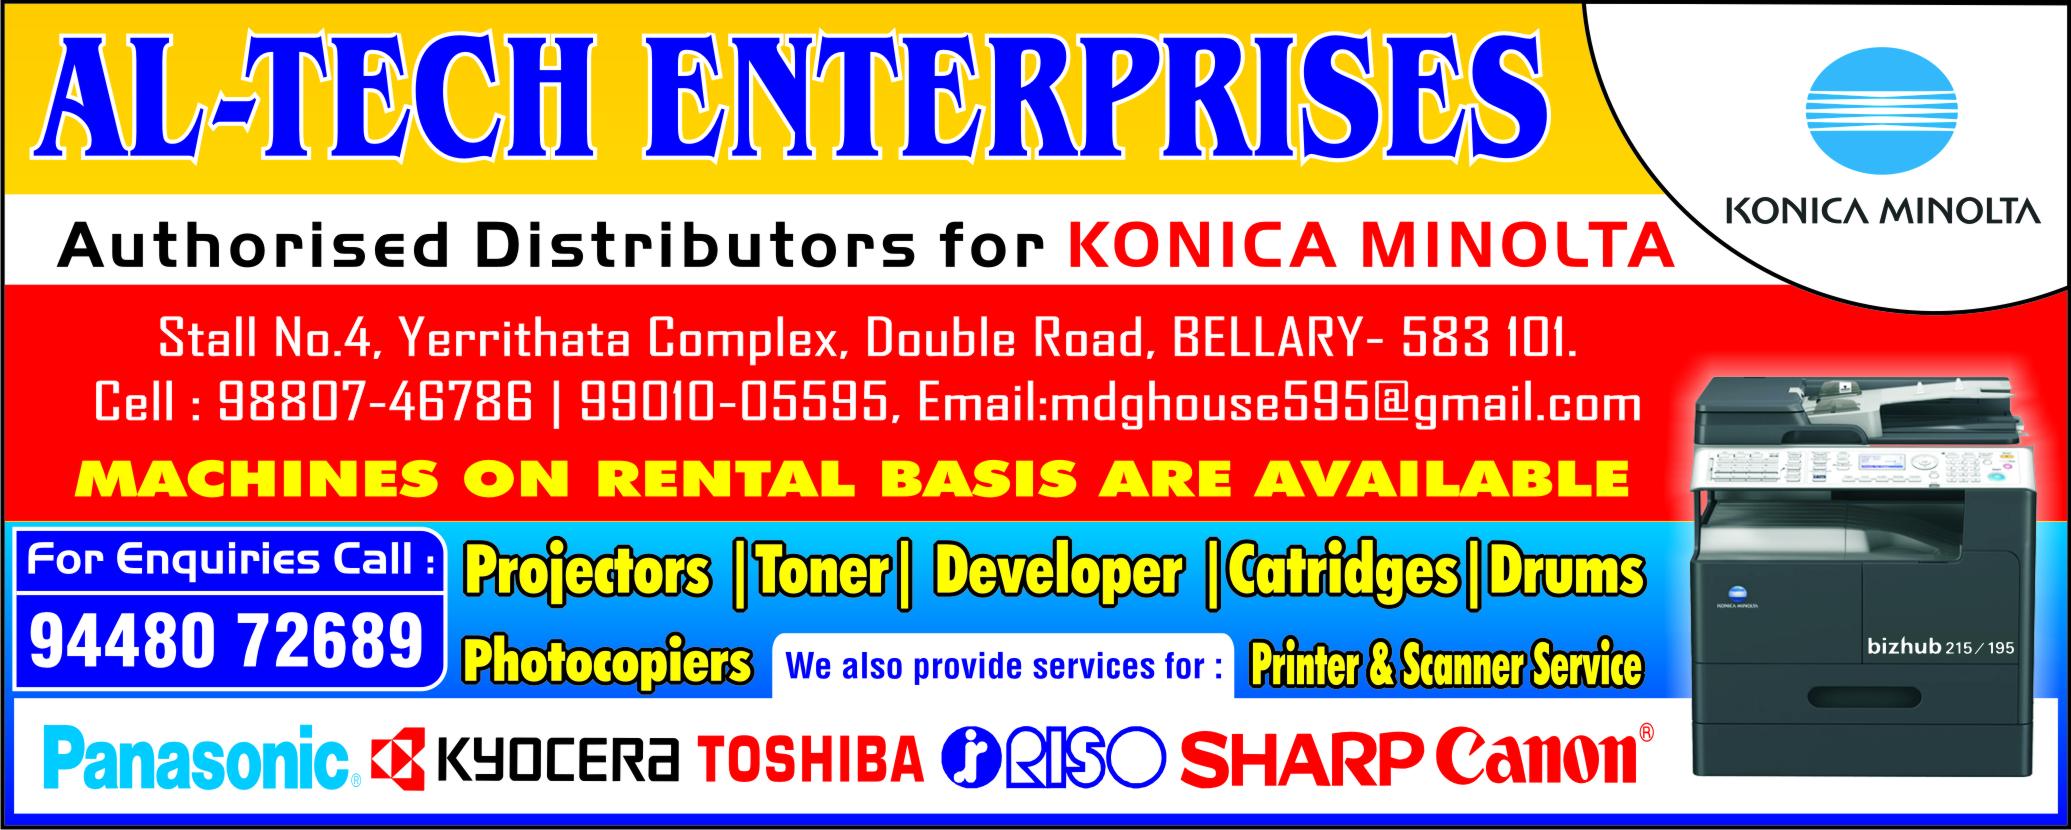 Al-Tech Enterprises